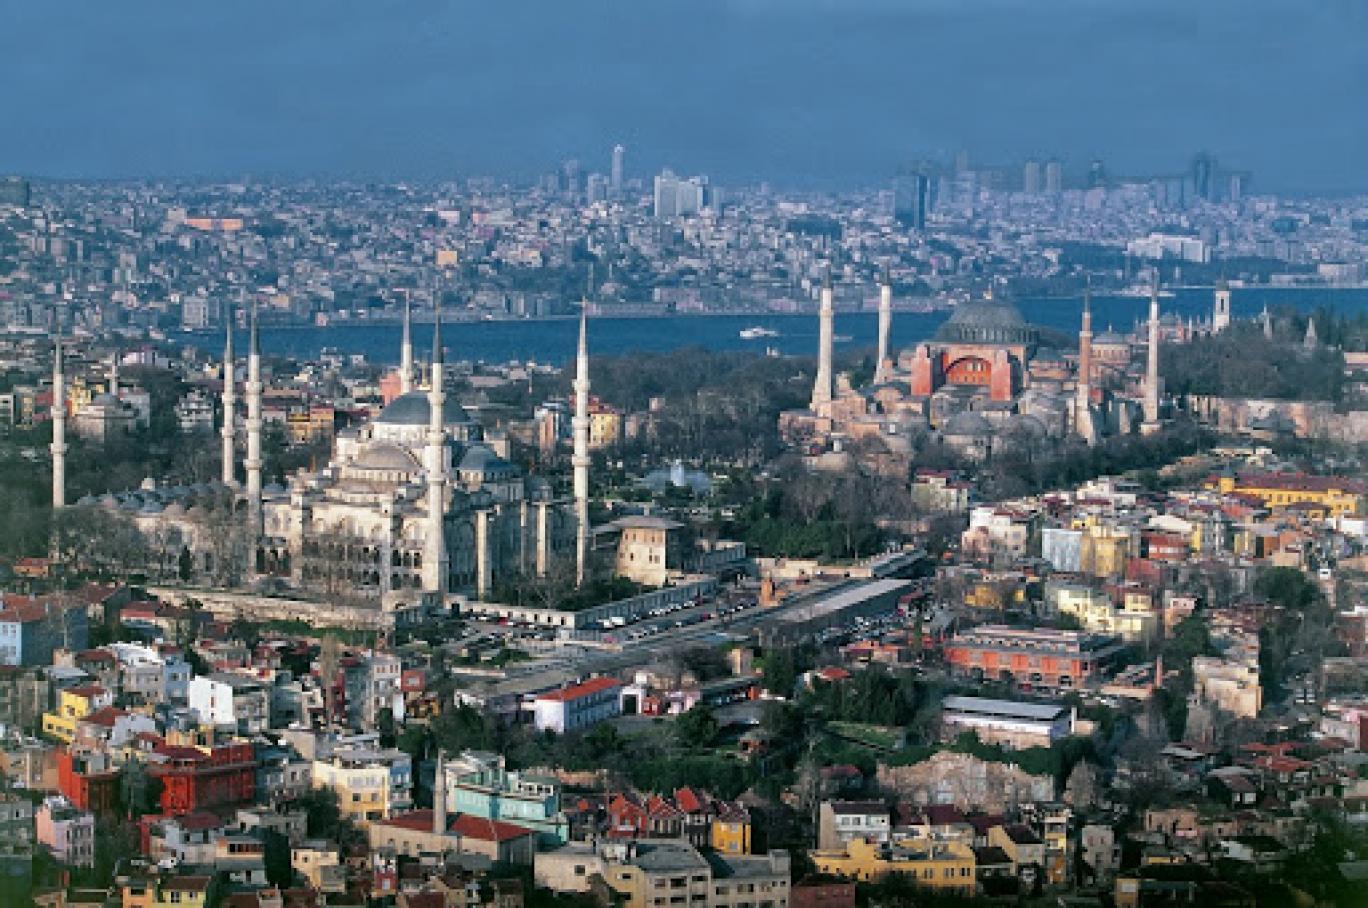 خروج ۷ میلیارد دلار ارز از کشور برای خرید خانه در ترکیه